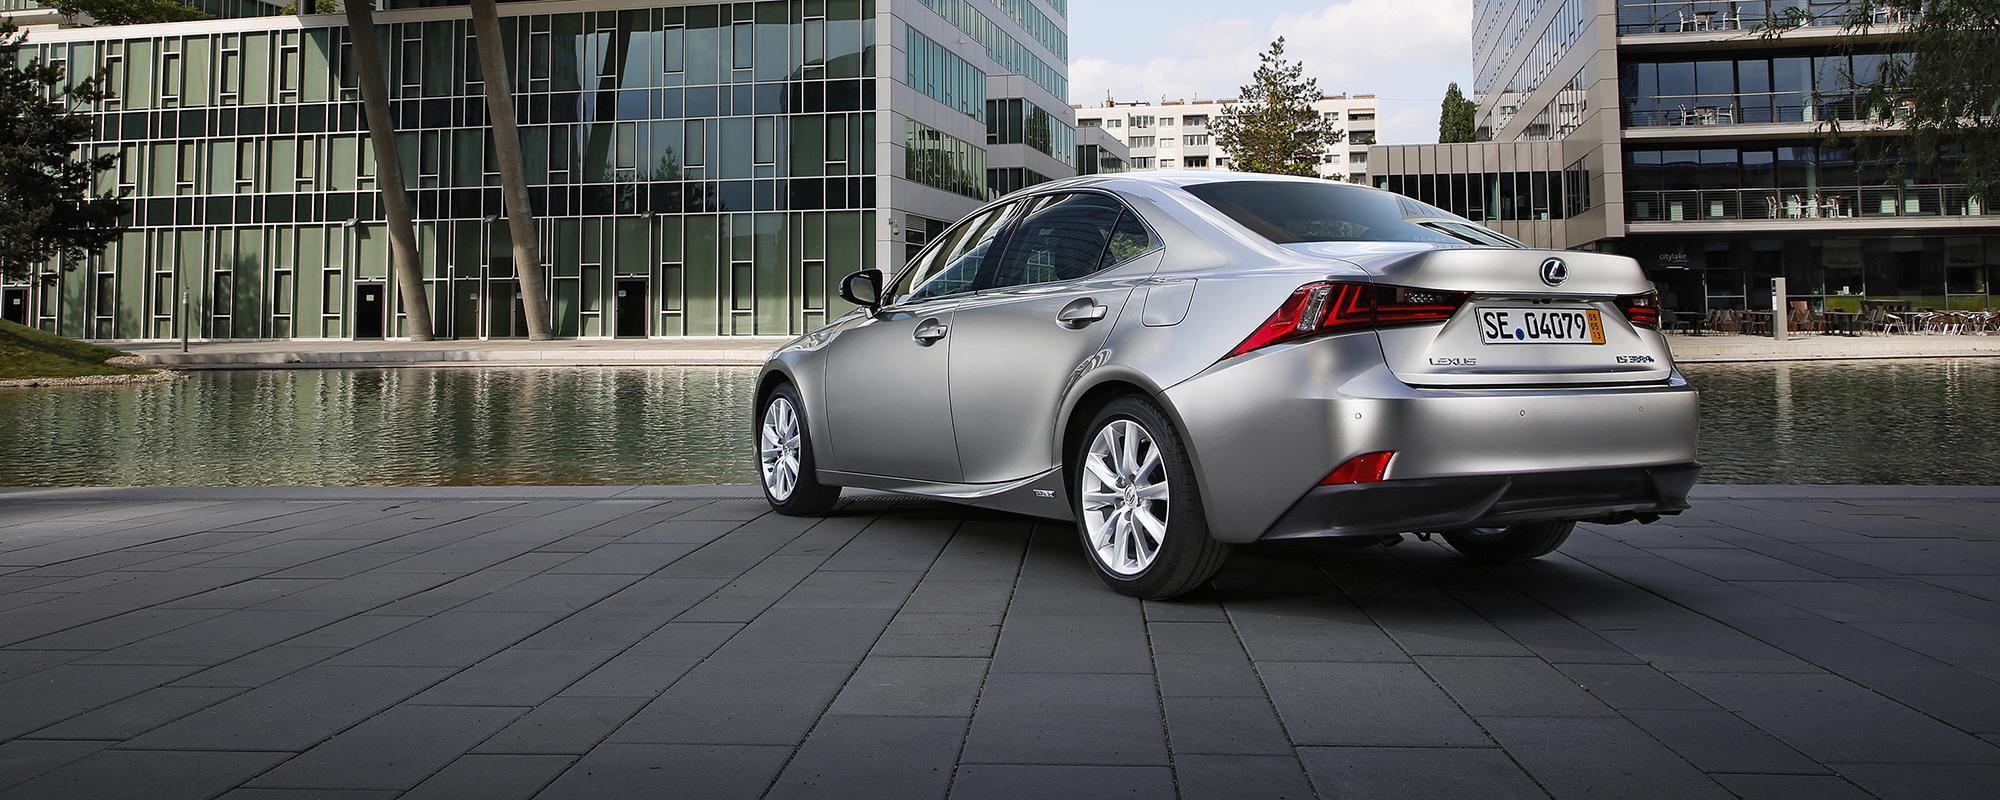 Lexus IS 300h HYBRID geeft rijden een nieuwe dimensie